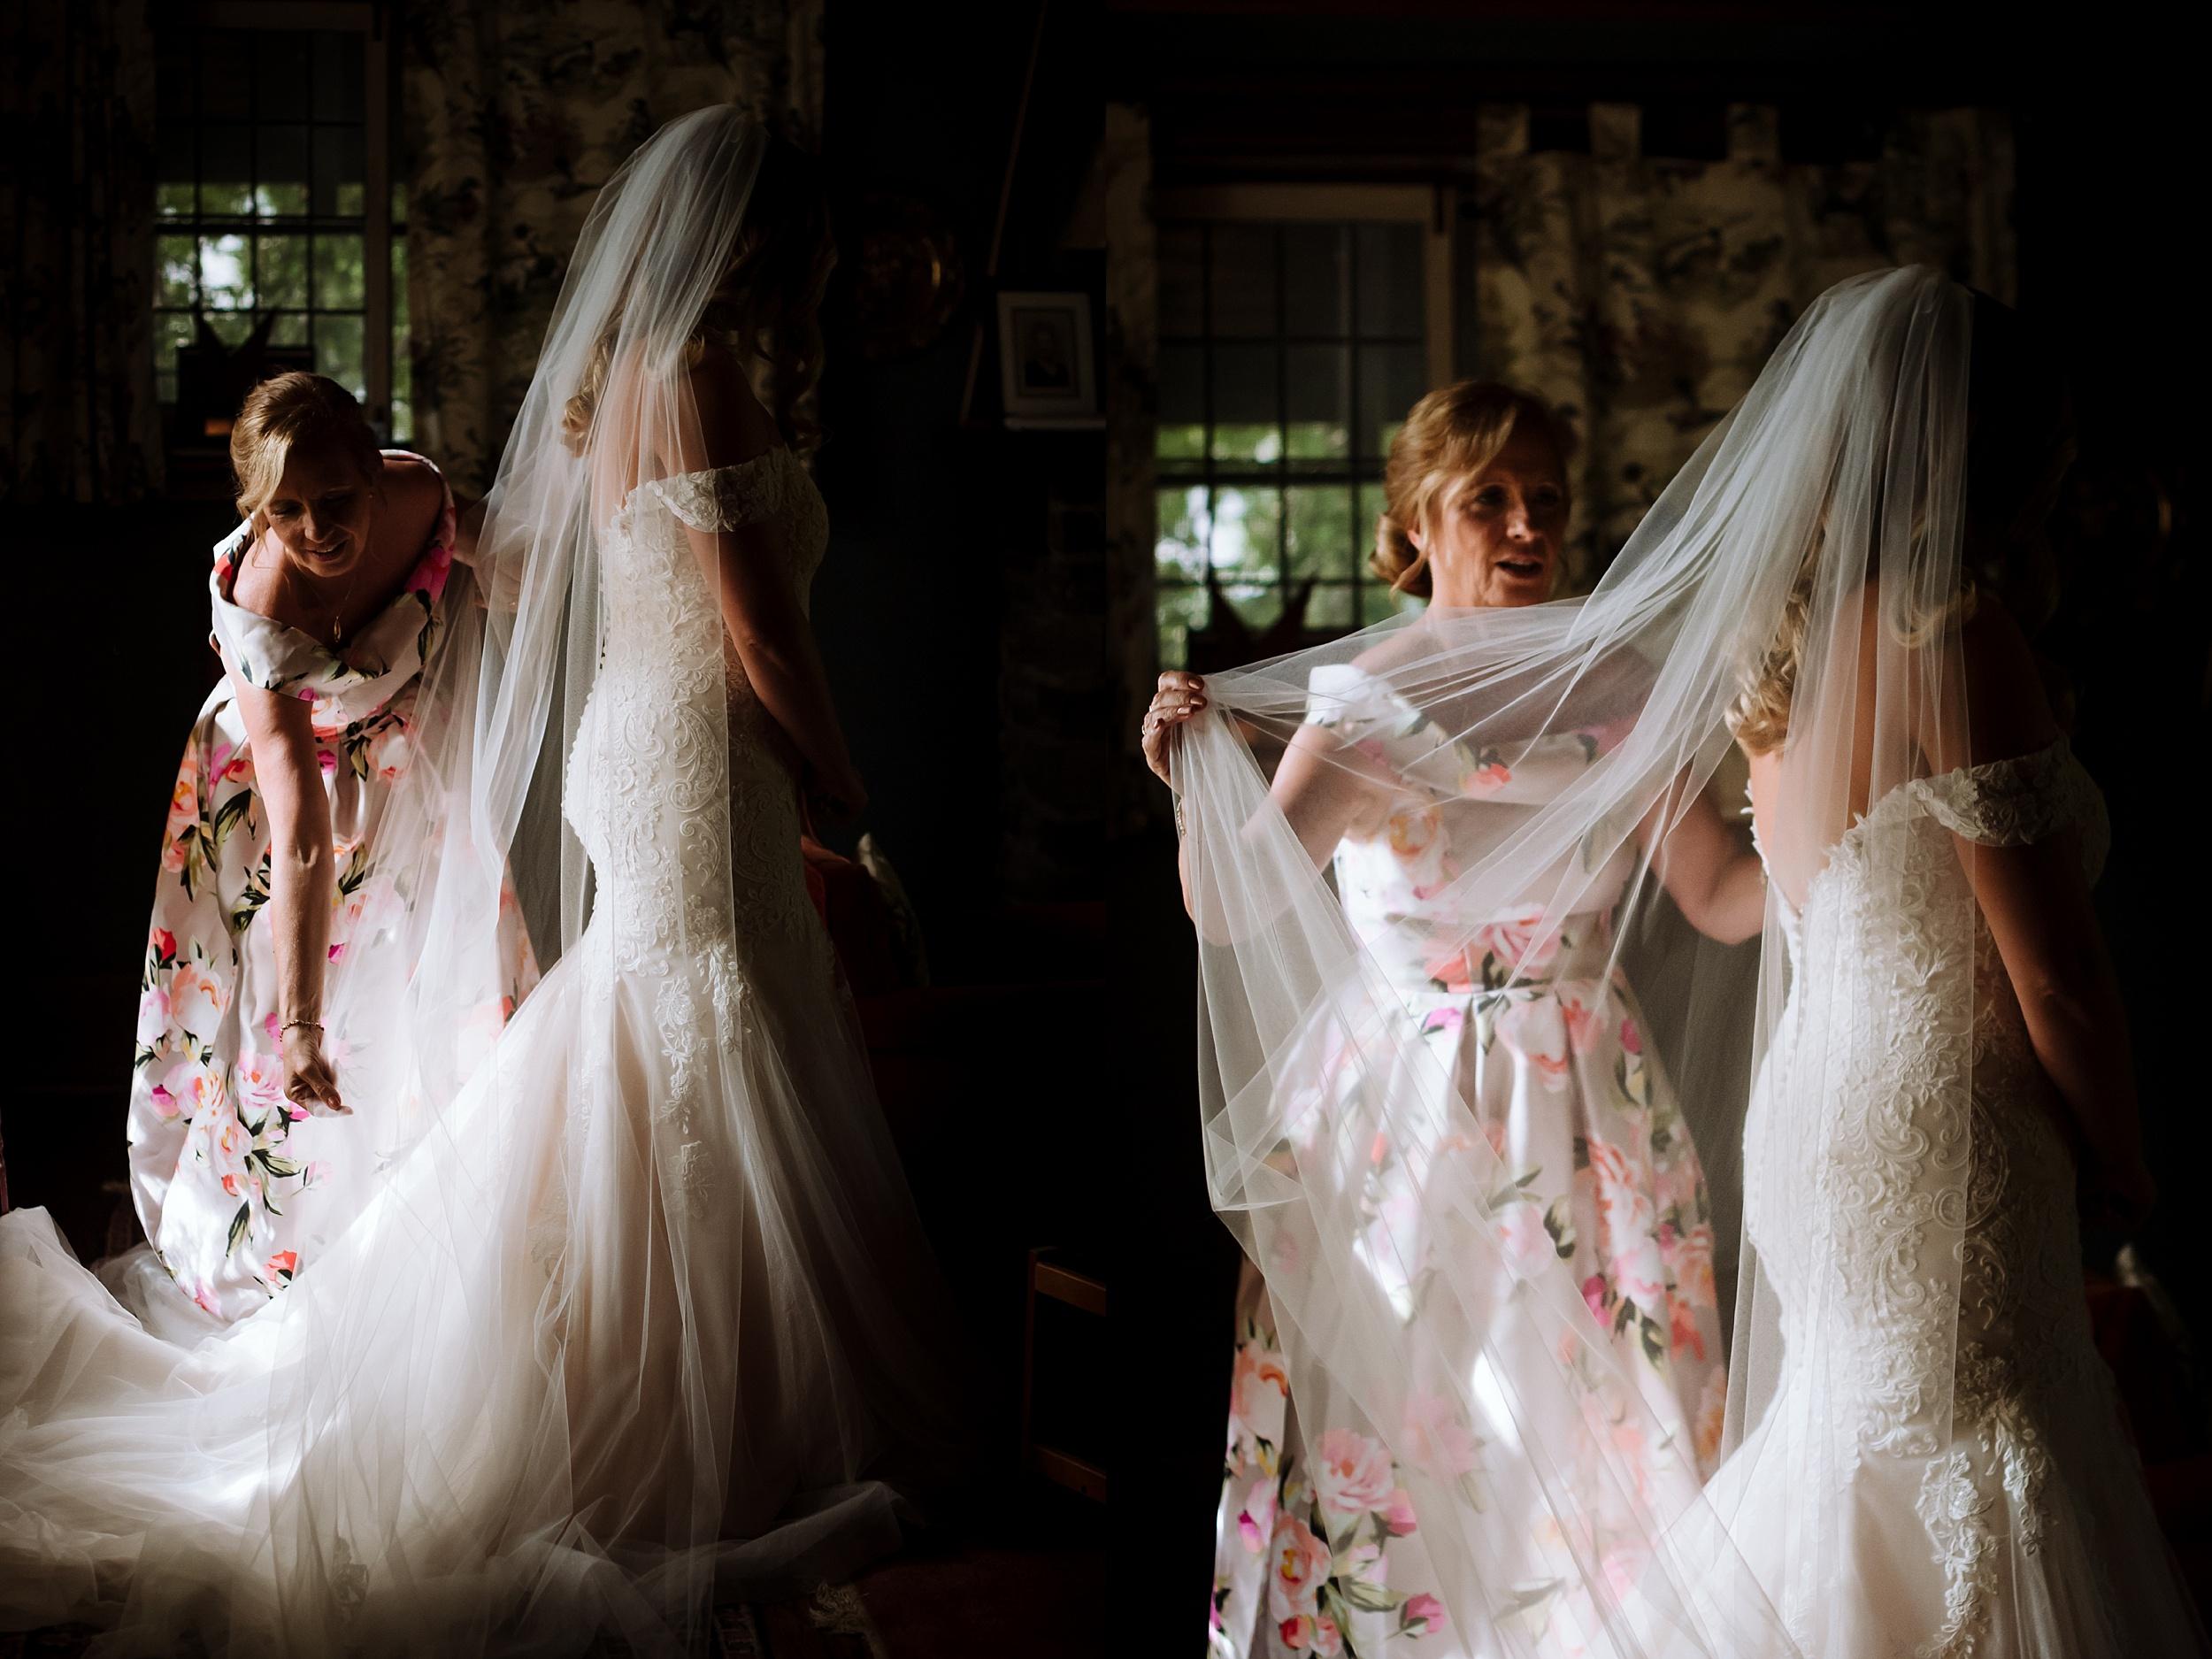 Rustic_Backyard_Wedding_Toronto_Photographer012.jpg